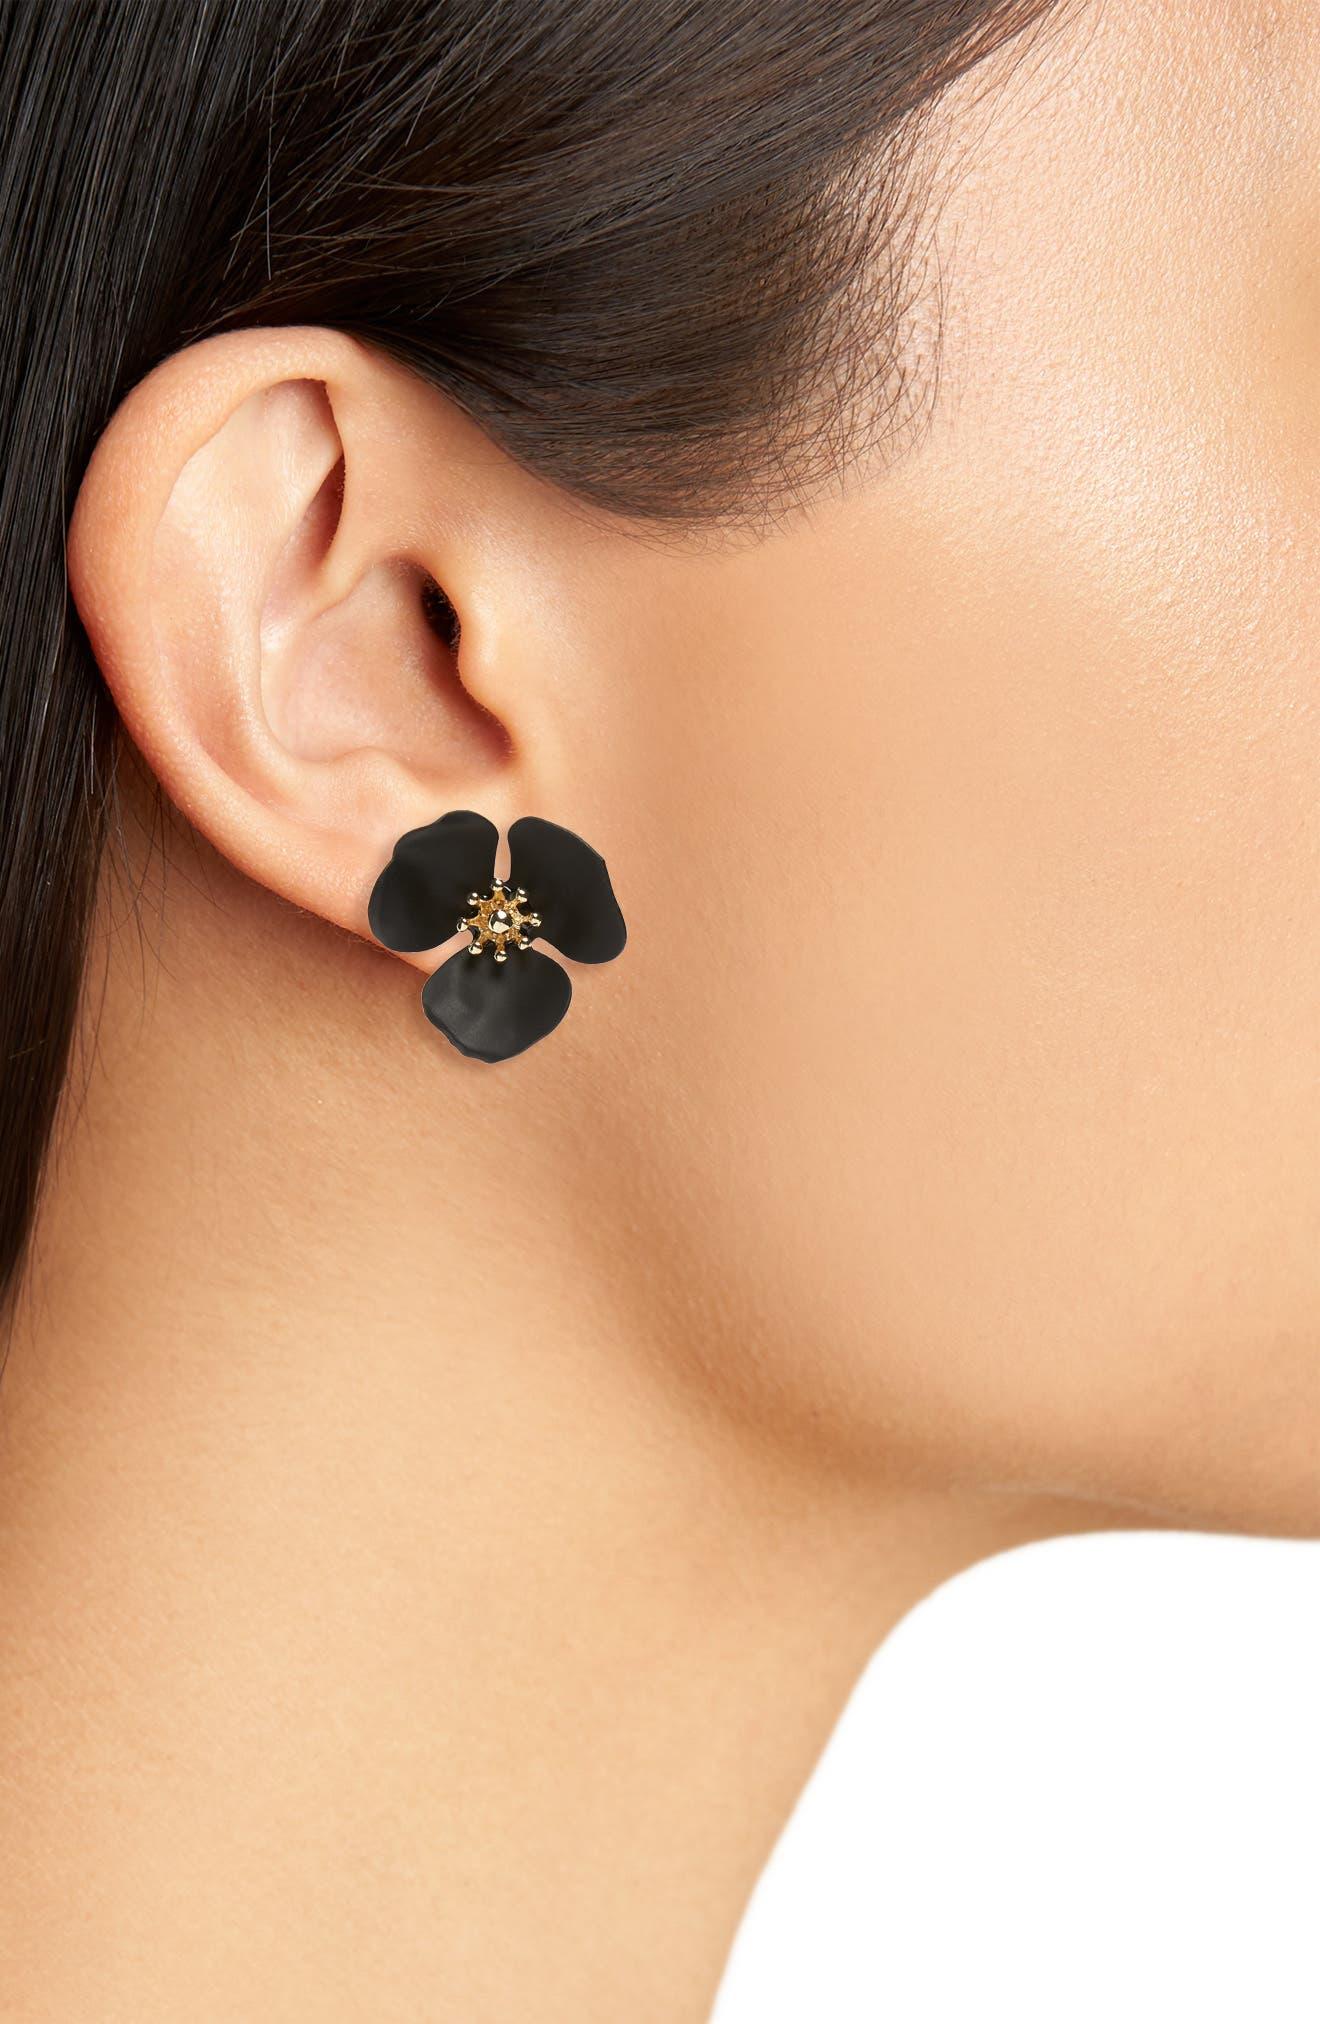 Lily Flower Stud Earrings,                             Alternate thumbnail 2, color,                             Black